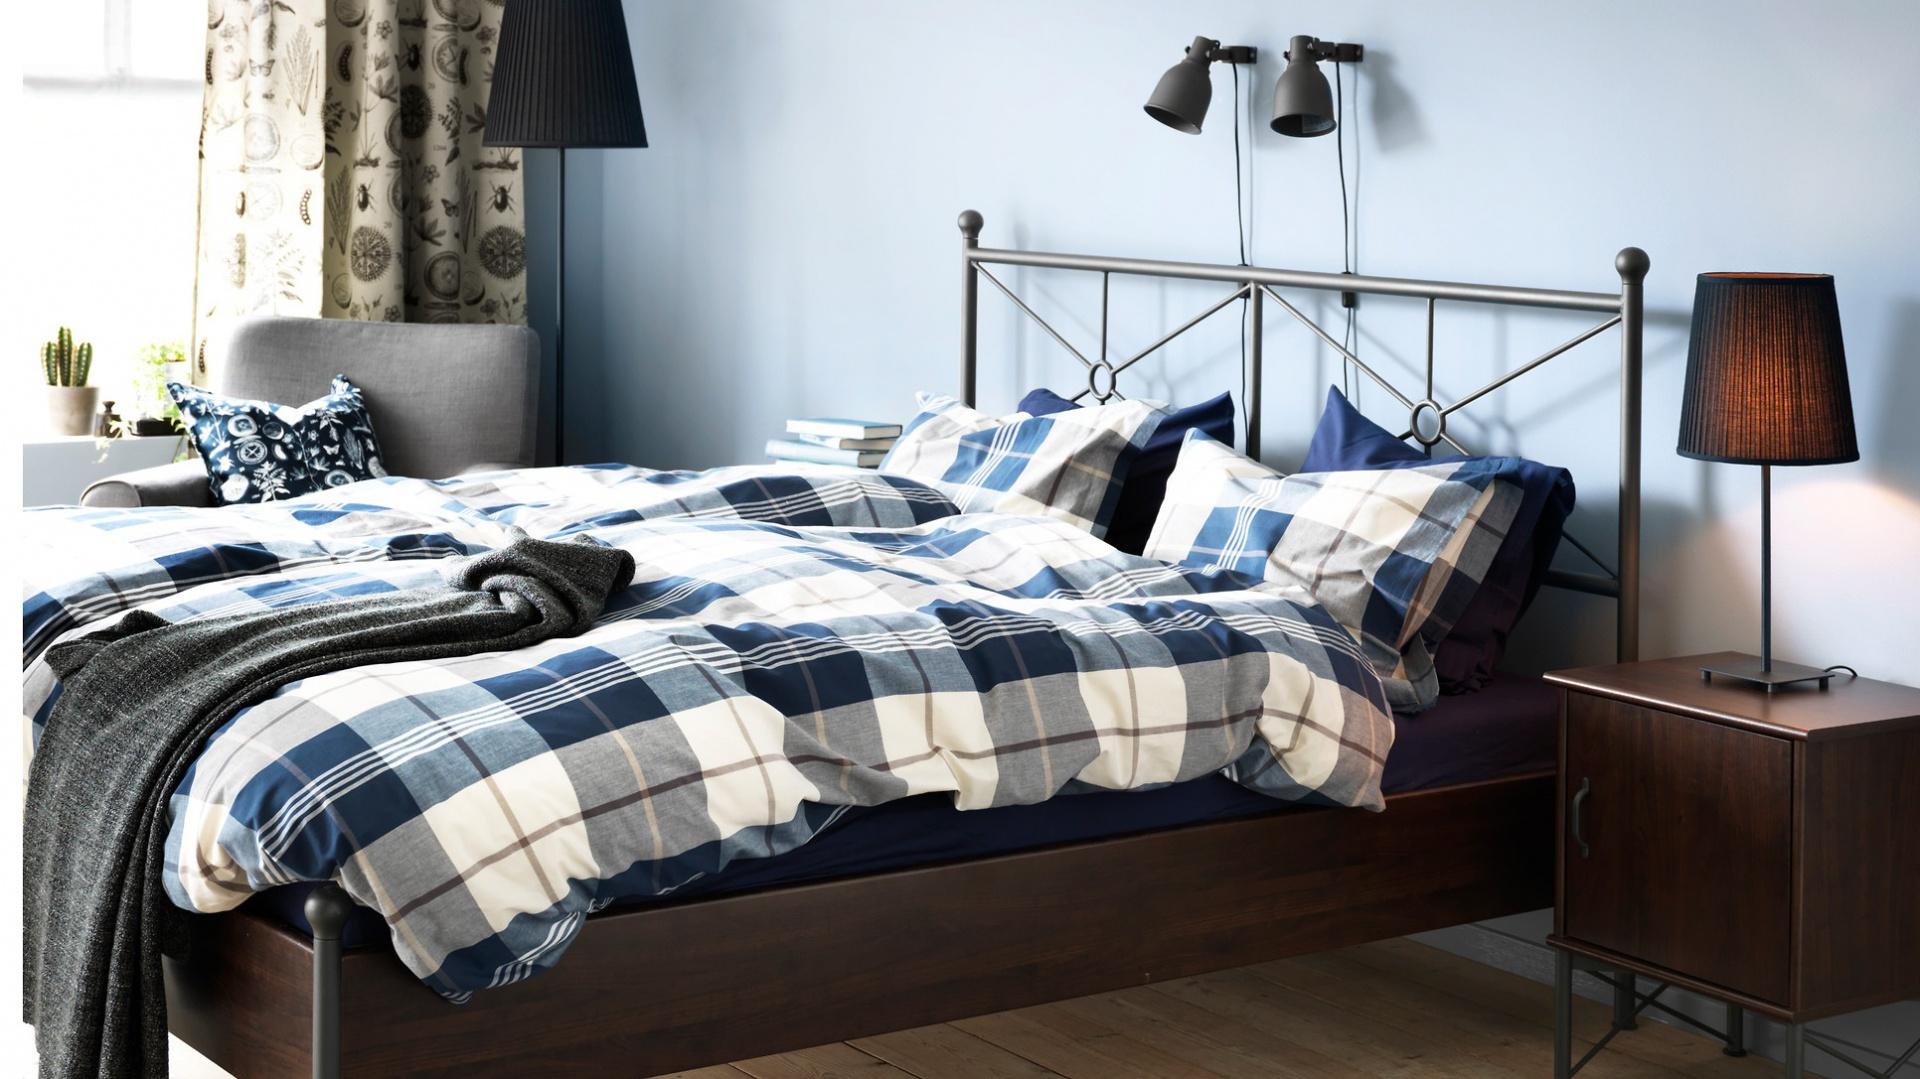 Komplet pościeli Kustruta tkanej z farbowanej przędzy bawełnianej zapewnia pościeli niezwykłą miękkość. Fot. Ikea.